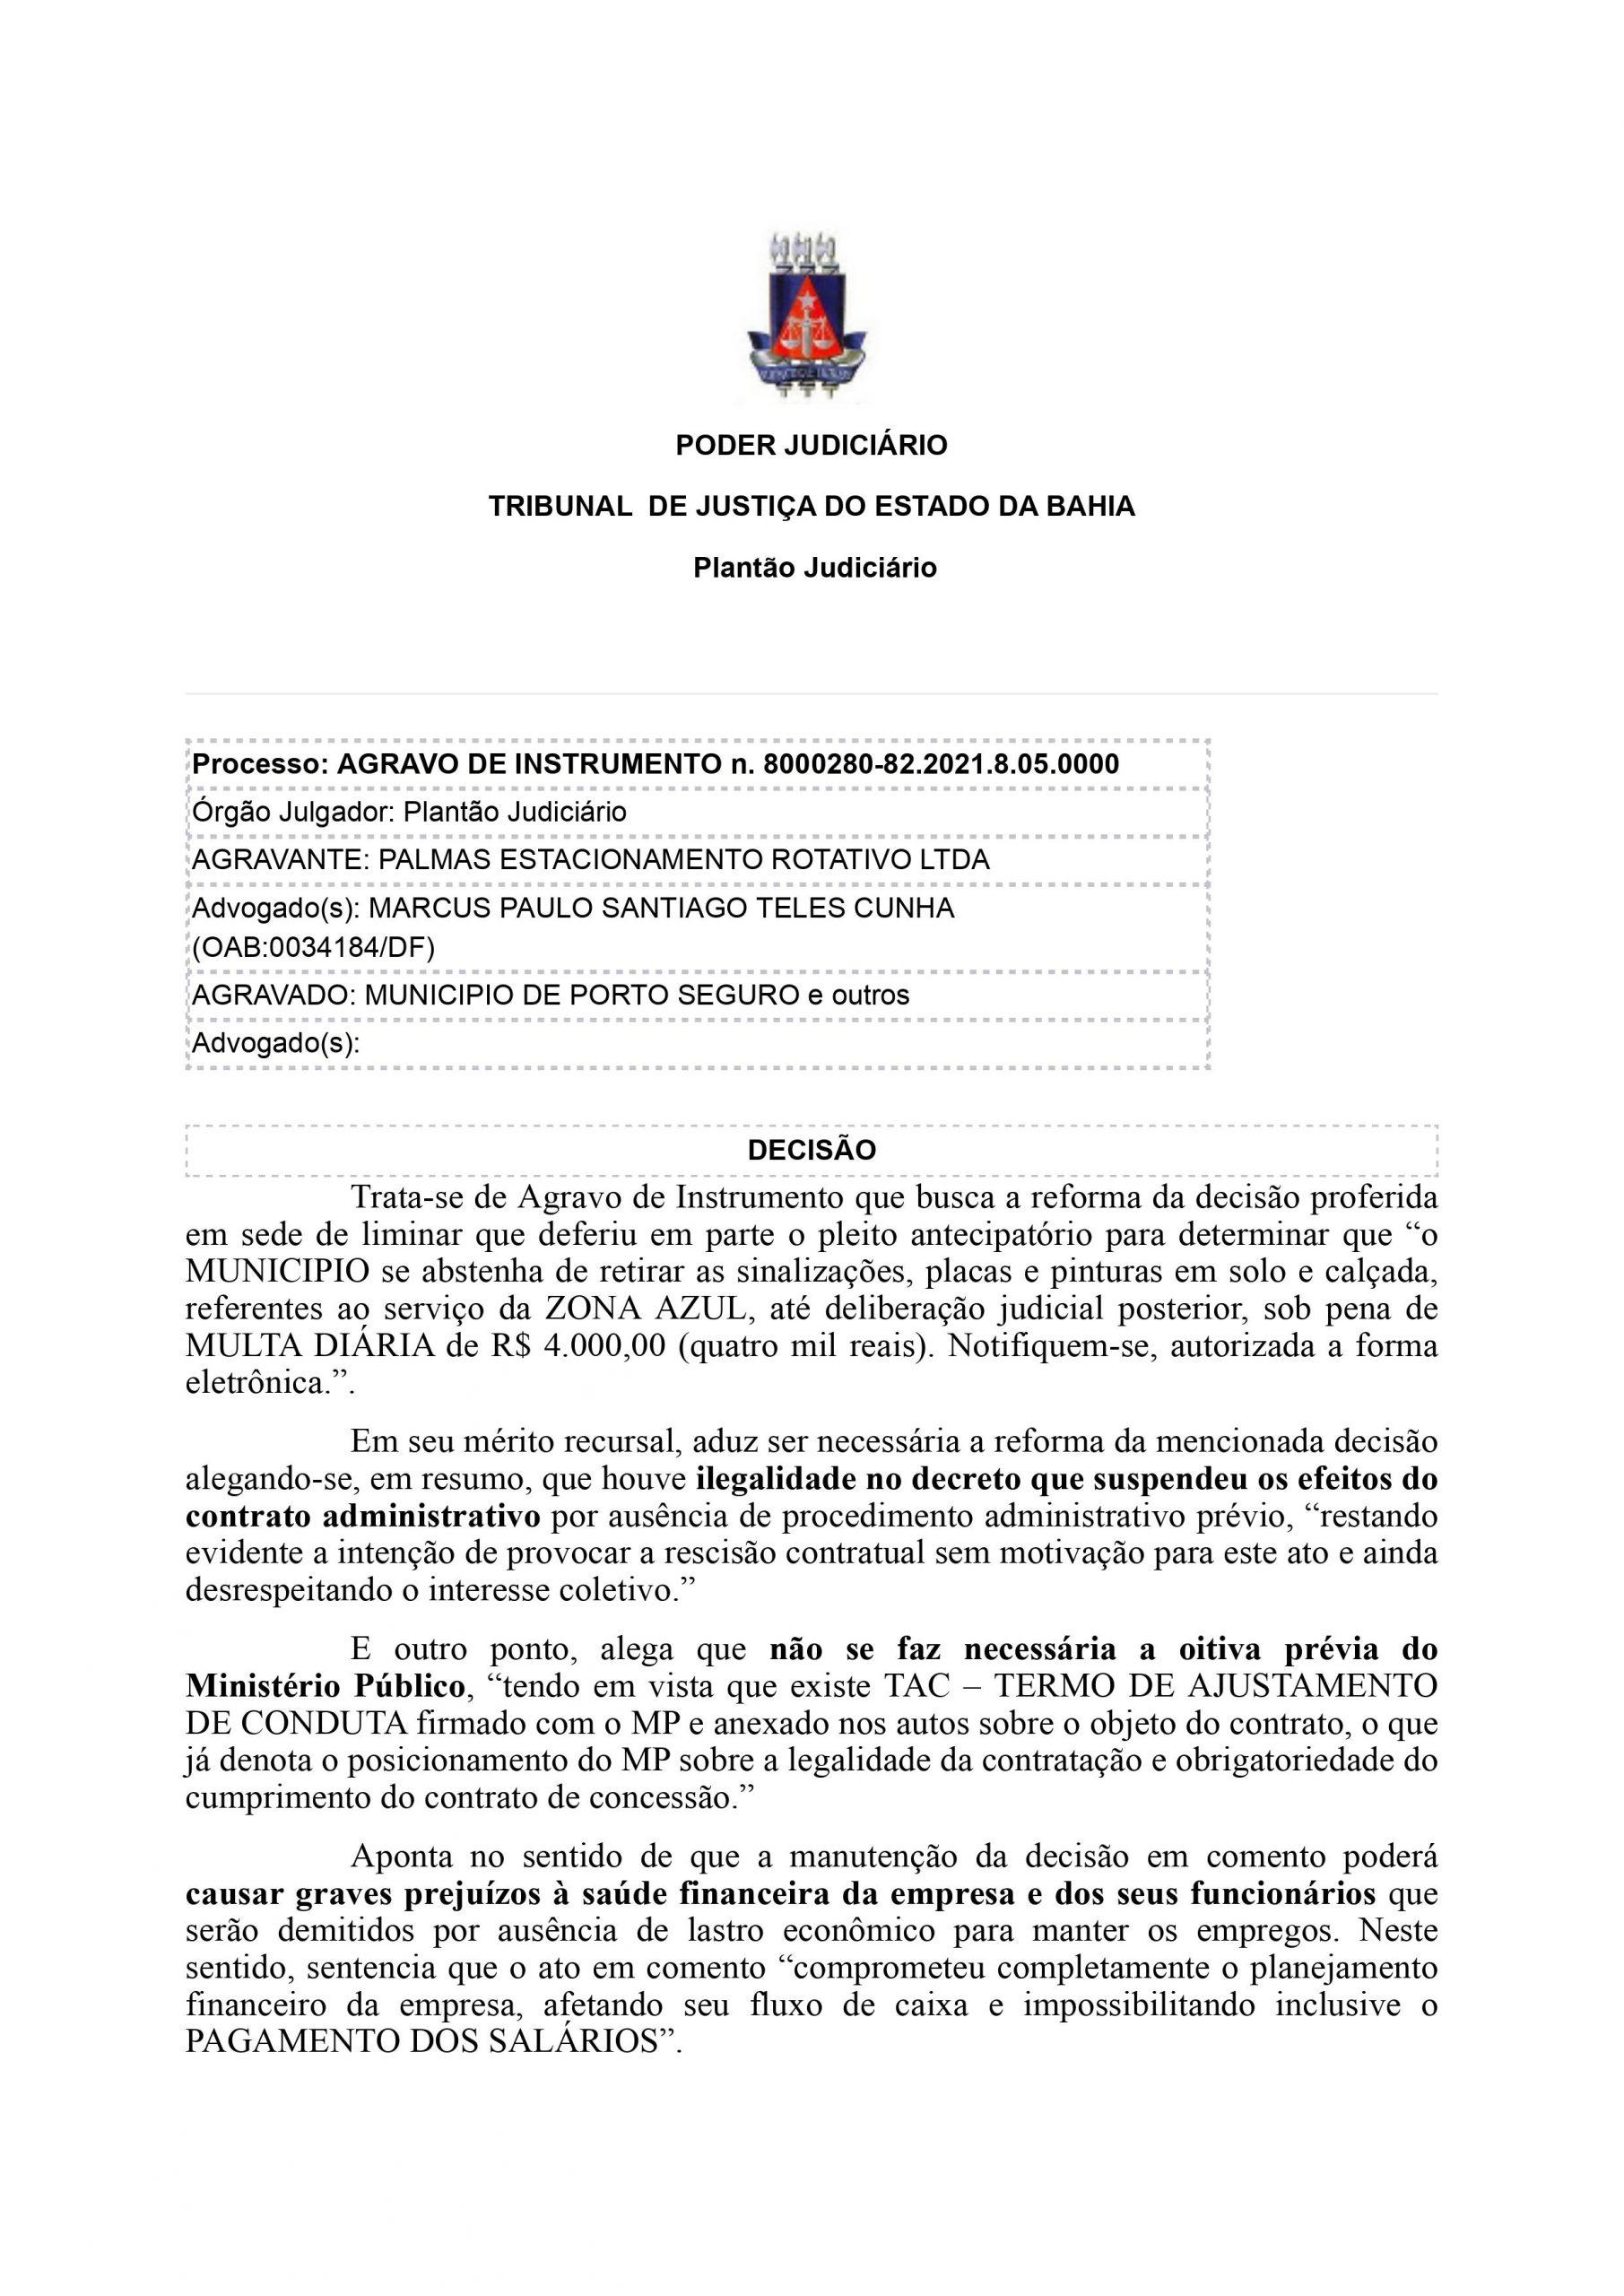 Tribunal de justiça faz voltar a Zona azul em Porto Seguro. A Prefeitura irá recorrer da decisão! 21